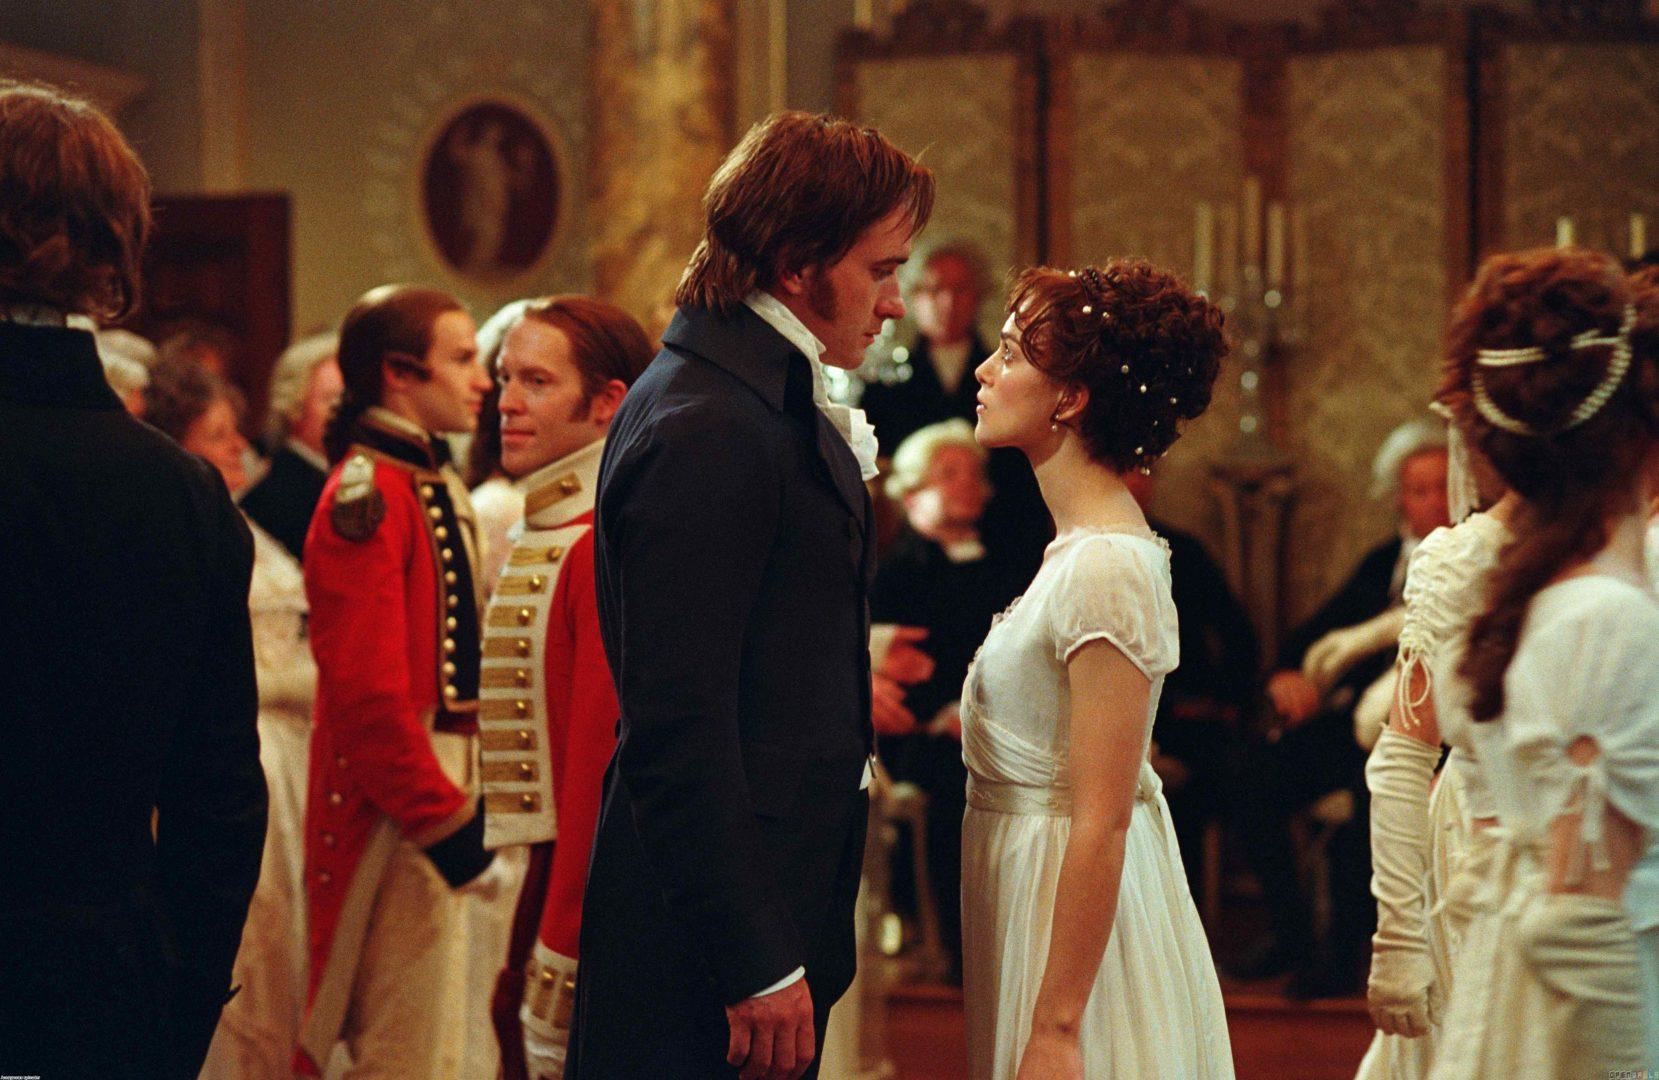 Egy brit történész – saját állítása szerint – megtalálta azt a személyt, akiről Jane Austen a Büszkeség és balítélet című regényéből ismert Mr. Darcy-t formálta.